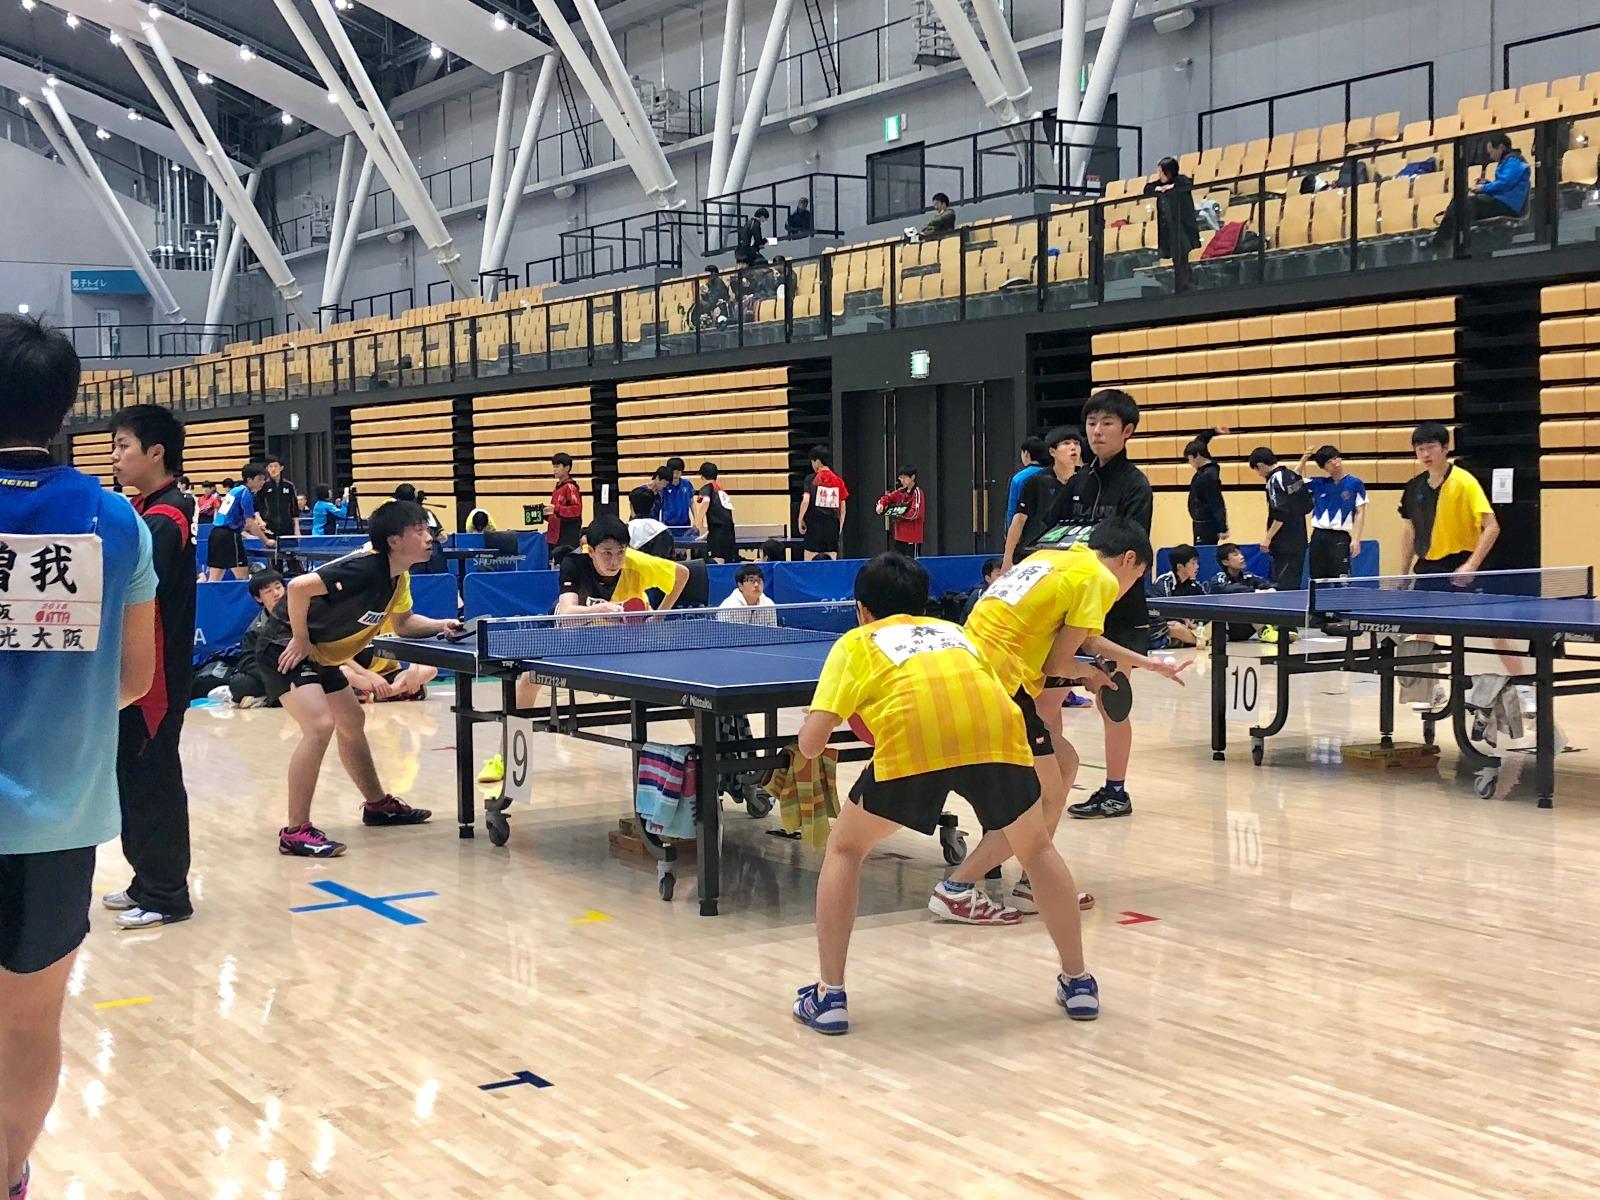 第25回高校オープン卓球研修会 その他大会 VICTAS JOURNAL 卓球